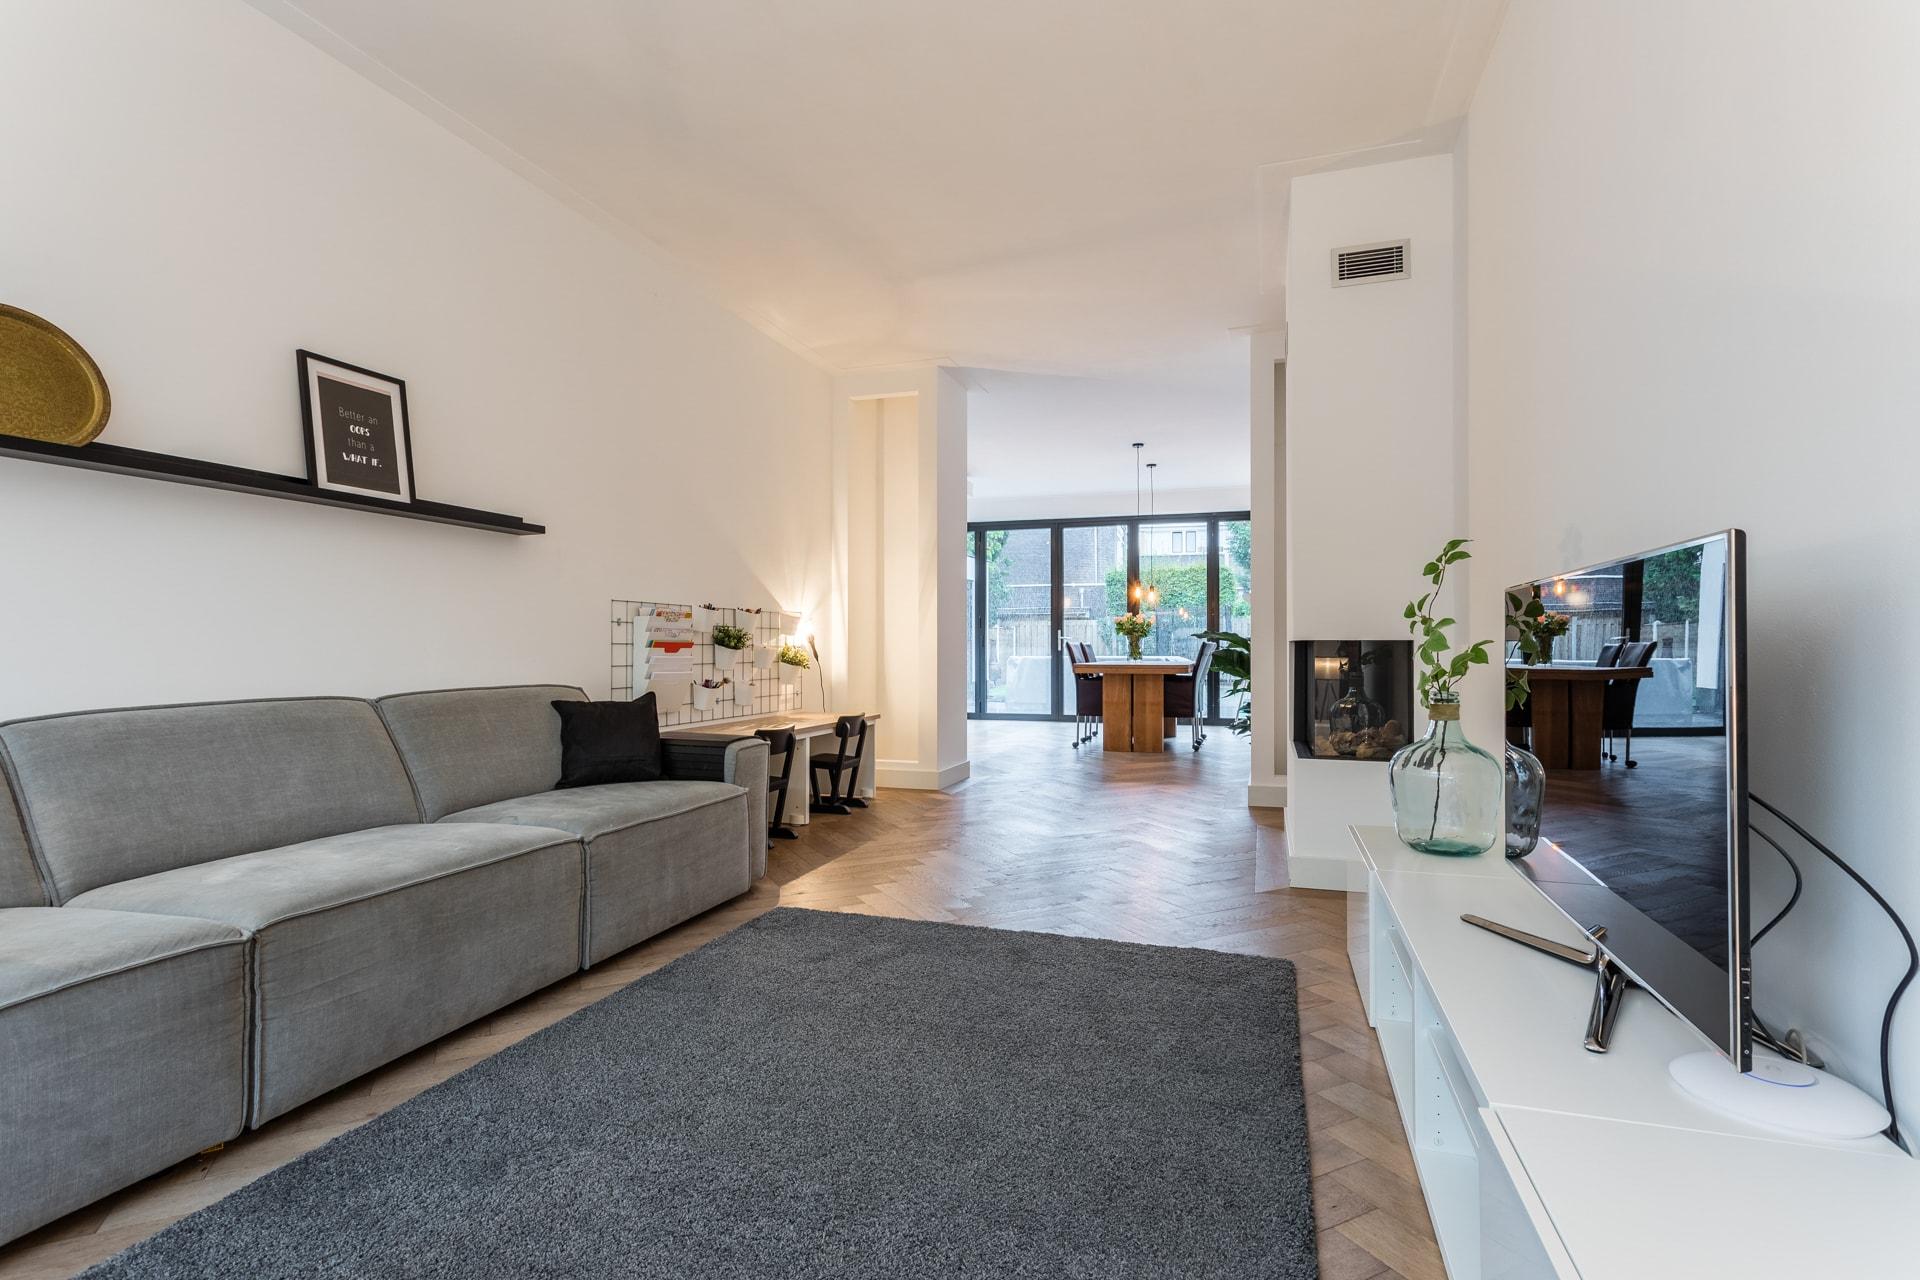 van-Os-architecten-verbouwing-2-onder-1-kapper-Valkenierslaan-Breda-woonkamer-met-zicht-op-woonkeuken